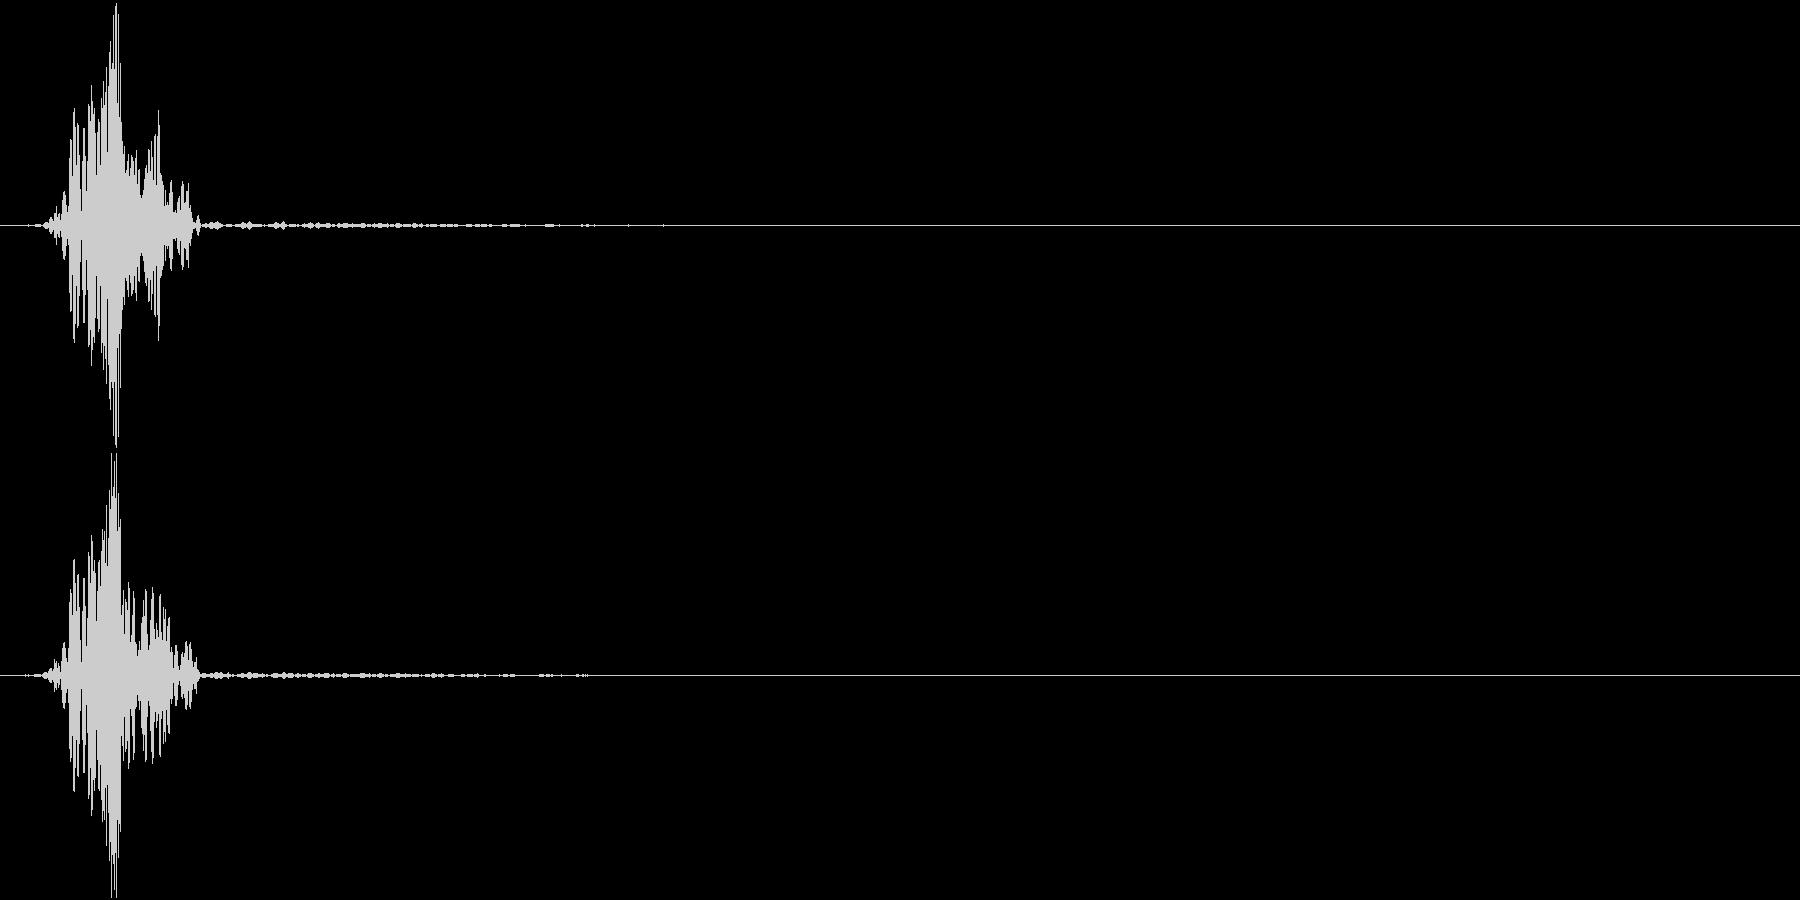 KAKUGE 格闘ゲーム戦闘音 16の未再生の波形